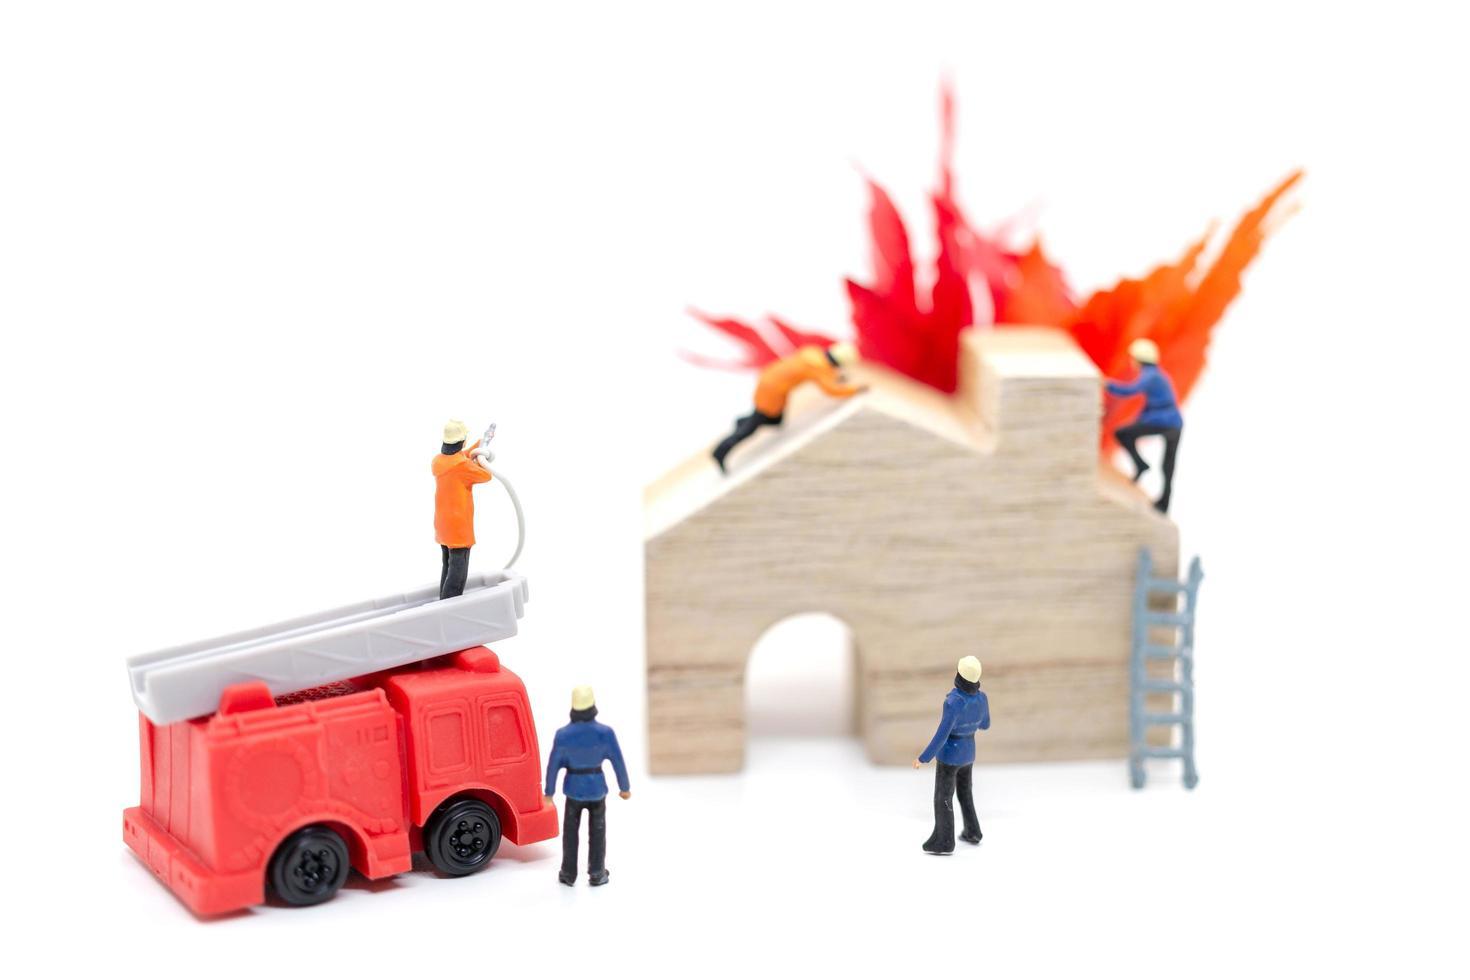 miniatuurbrandweerlieden die zorgen voor een brandnoodsituatie in een houten huis foto